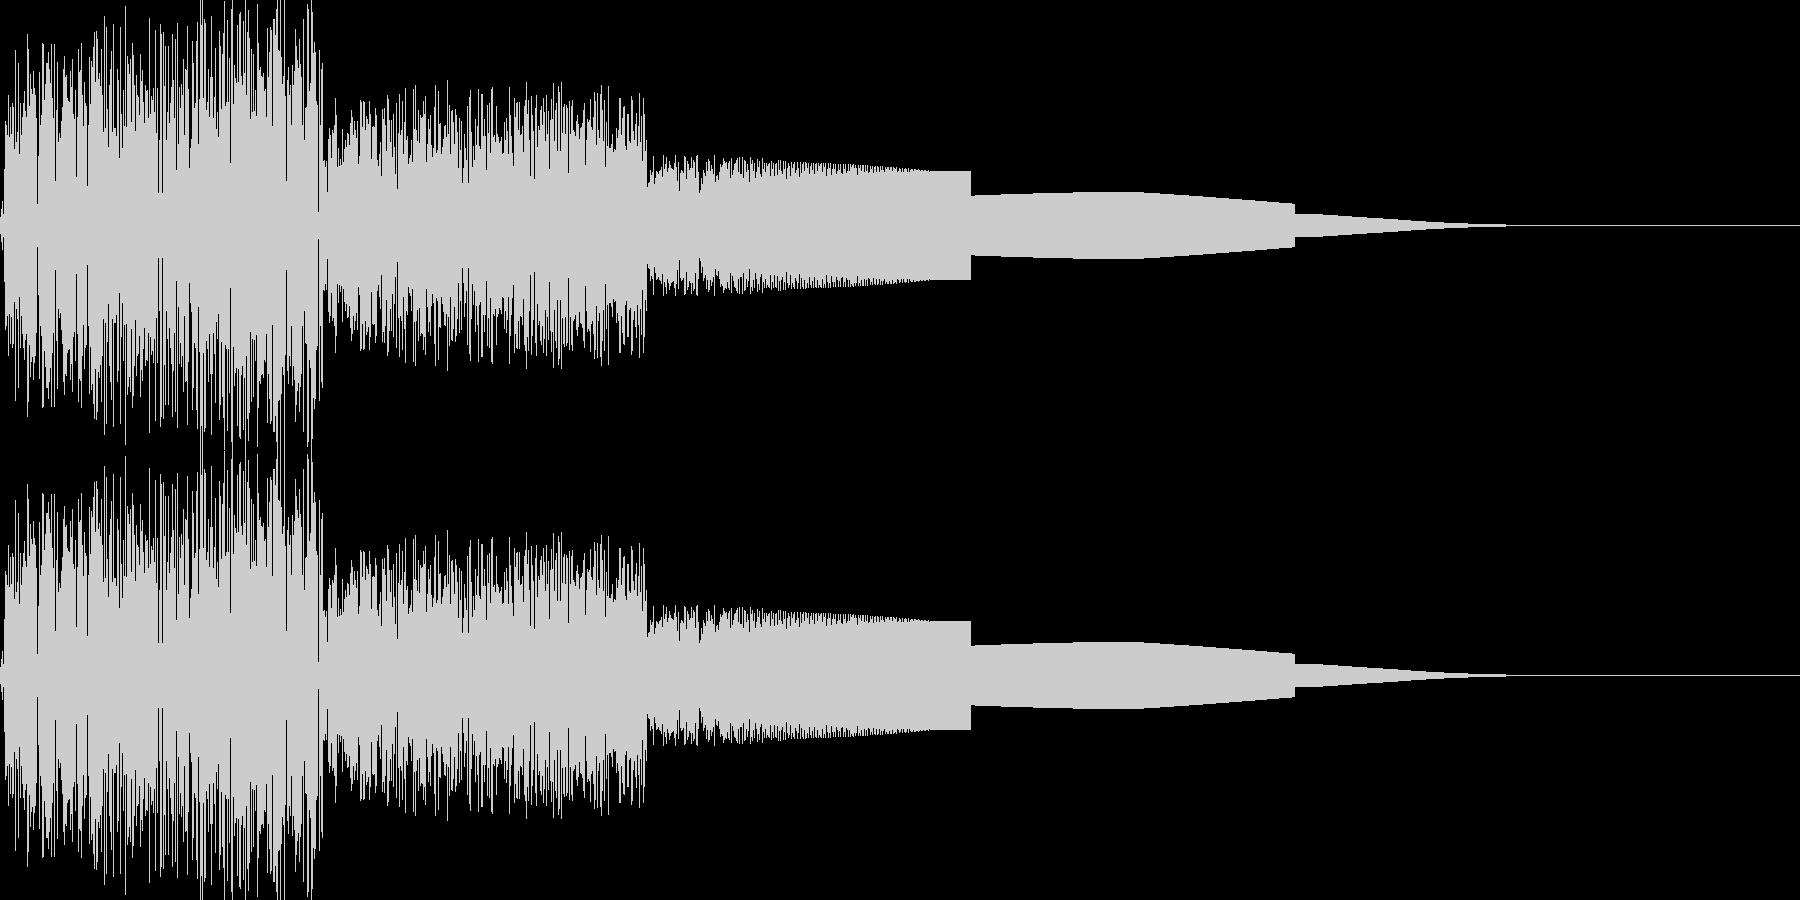 ピヨピヨ(ワープ/ファミコン/宇宙/魔法の未再生の波形